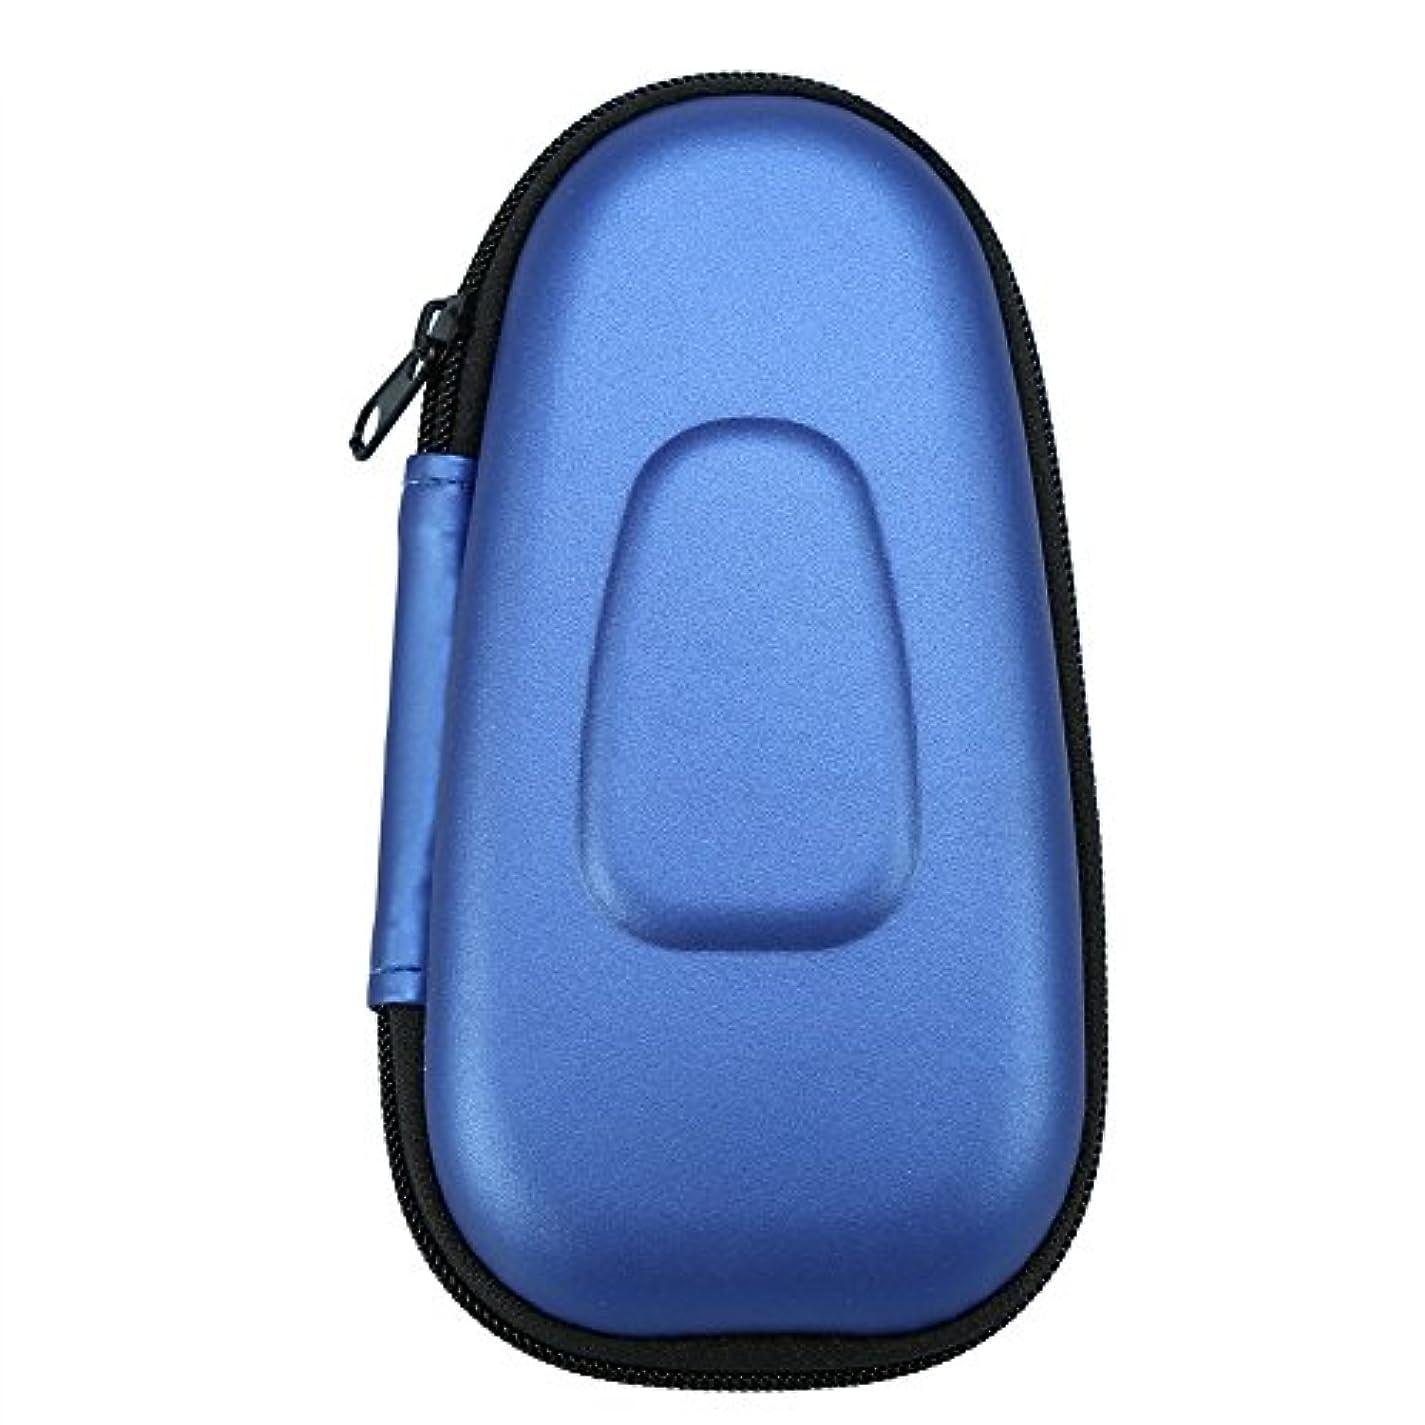 静かに保存するソフトウェアシェーバー収納用ケース、保護用持ち運び用ダブルブレード電動シェーバーハードEVAキャリーバッグ(青)